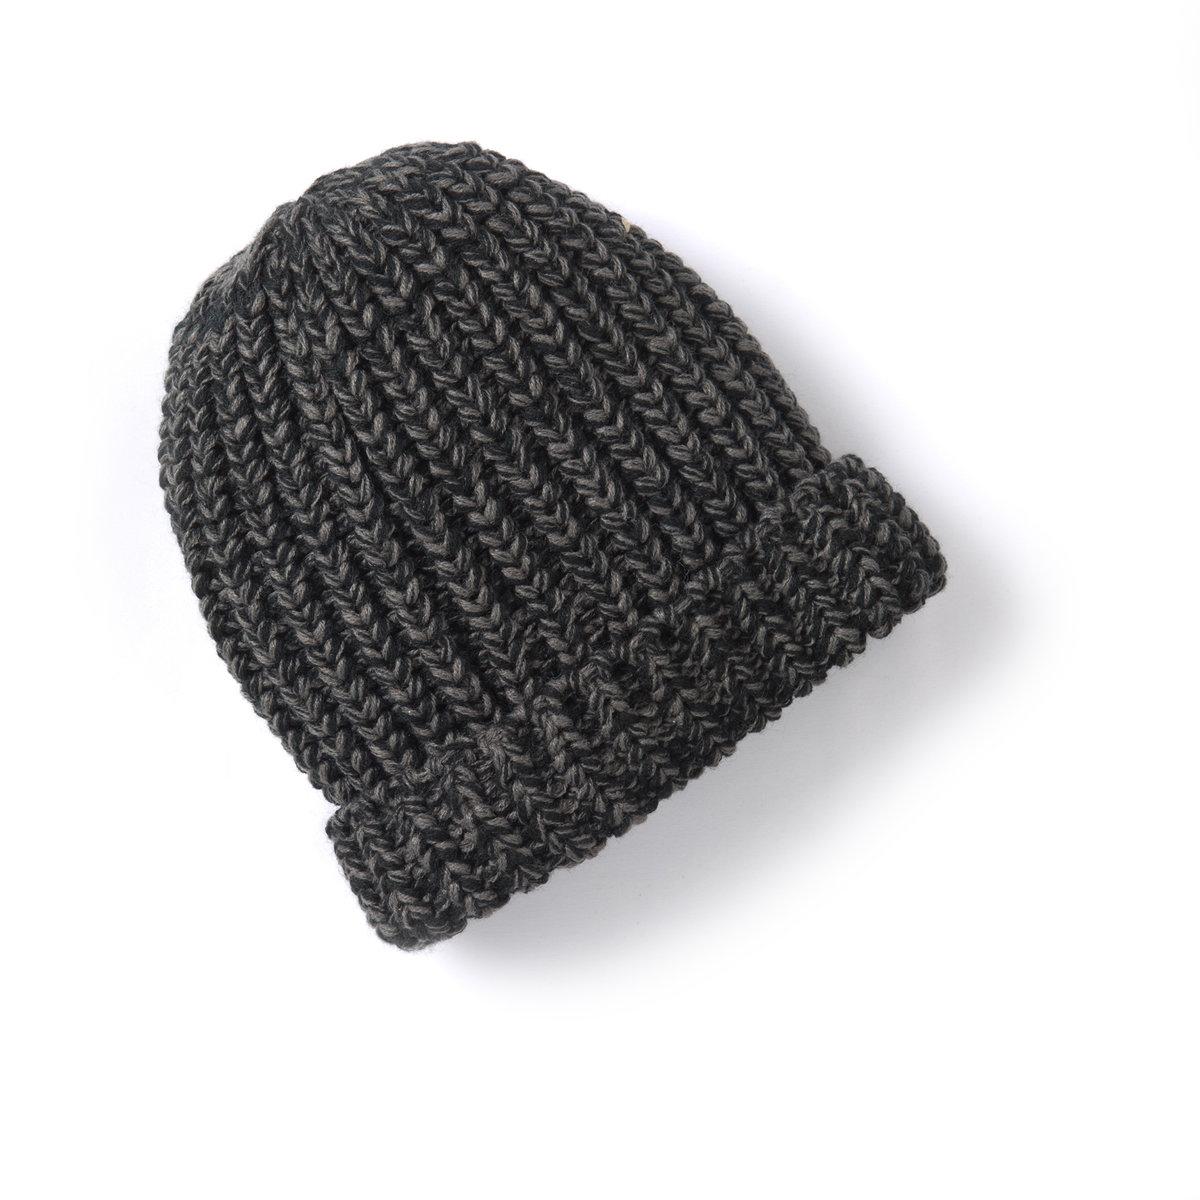 Шапка из меланжевого трикотажаВНИМАНИЕ: шапка светло-серого цвета.<br><br>Цвет: черный меланж<br>Размер: единый размер